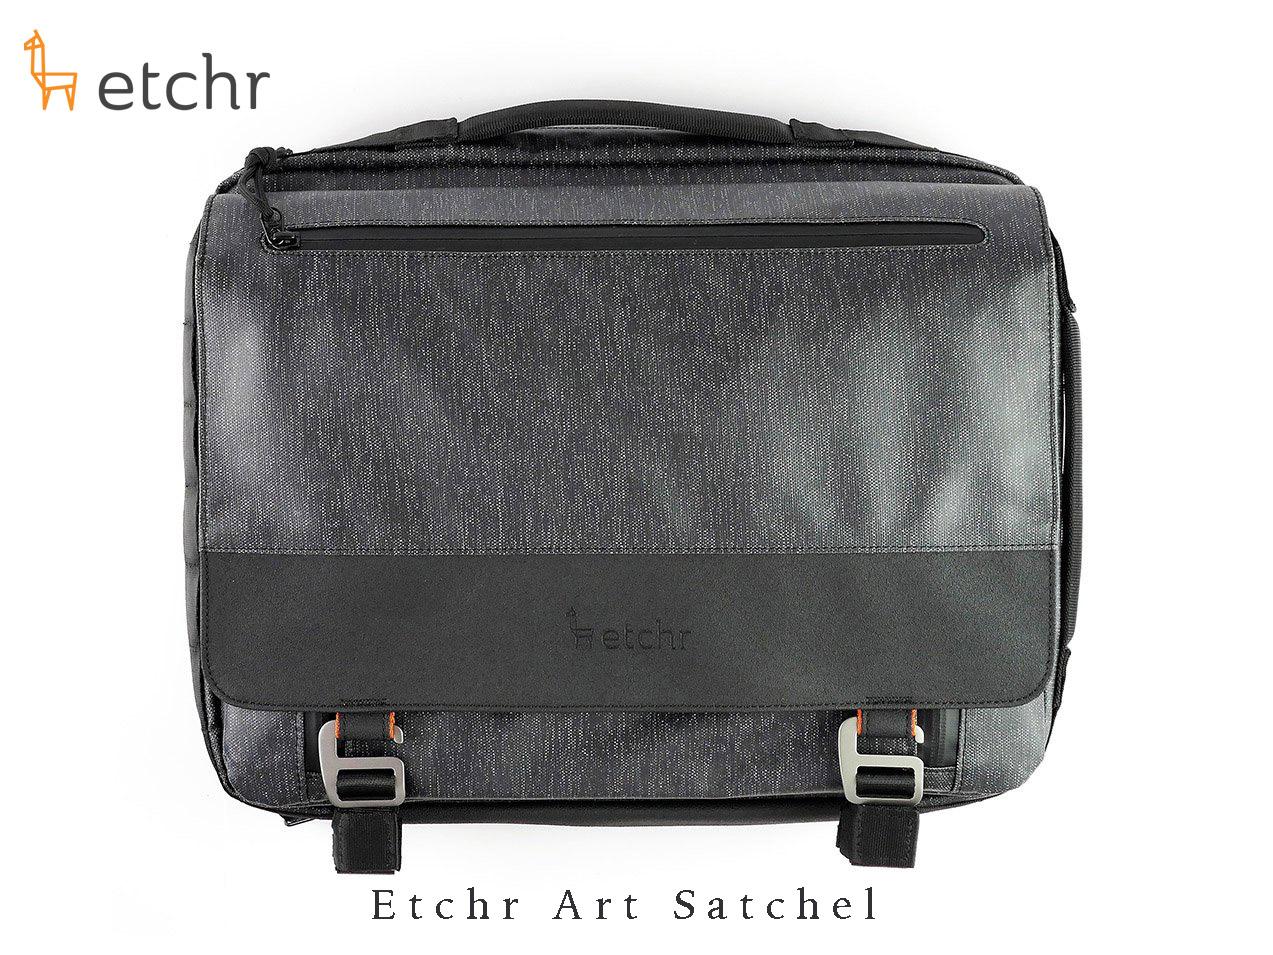 Etchr Art Satchel.jpg